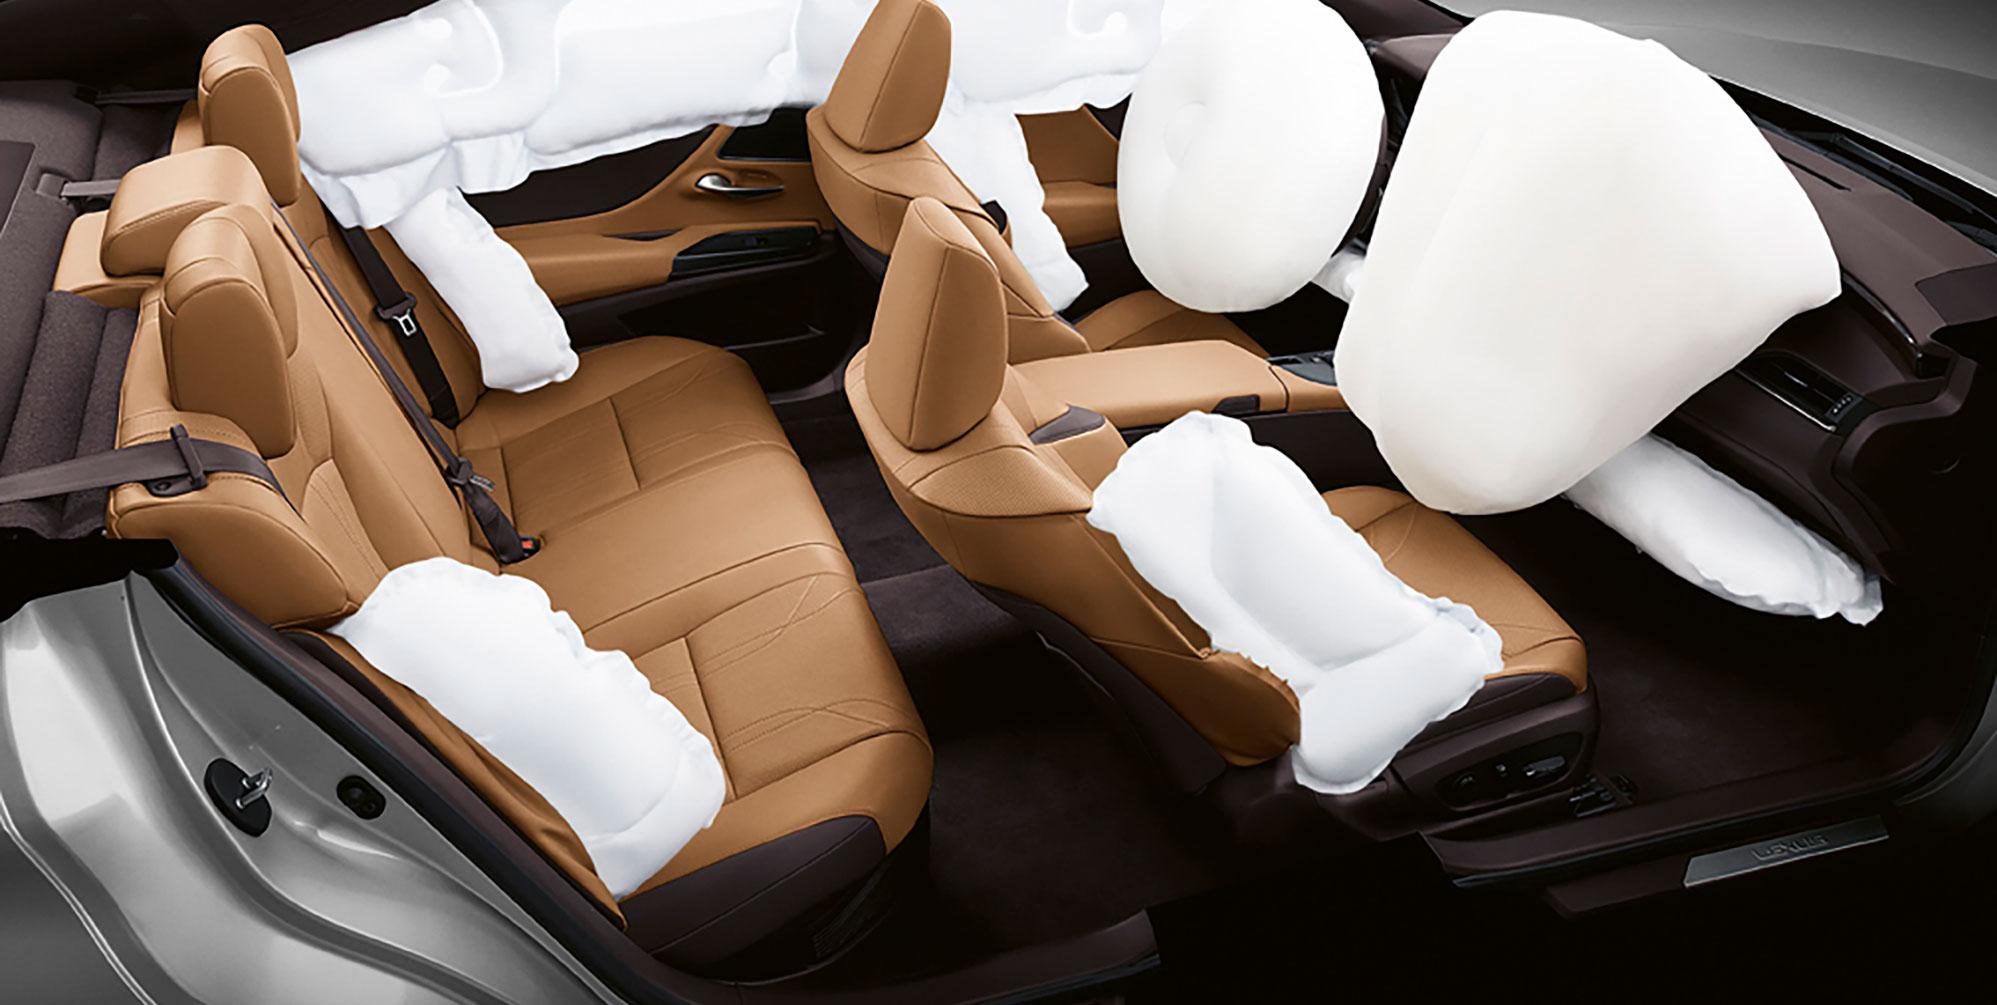 Güvenli Sürüş için Trafik Levha ve Anlamları 1997x1005 01 Image